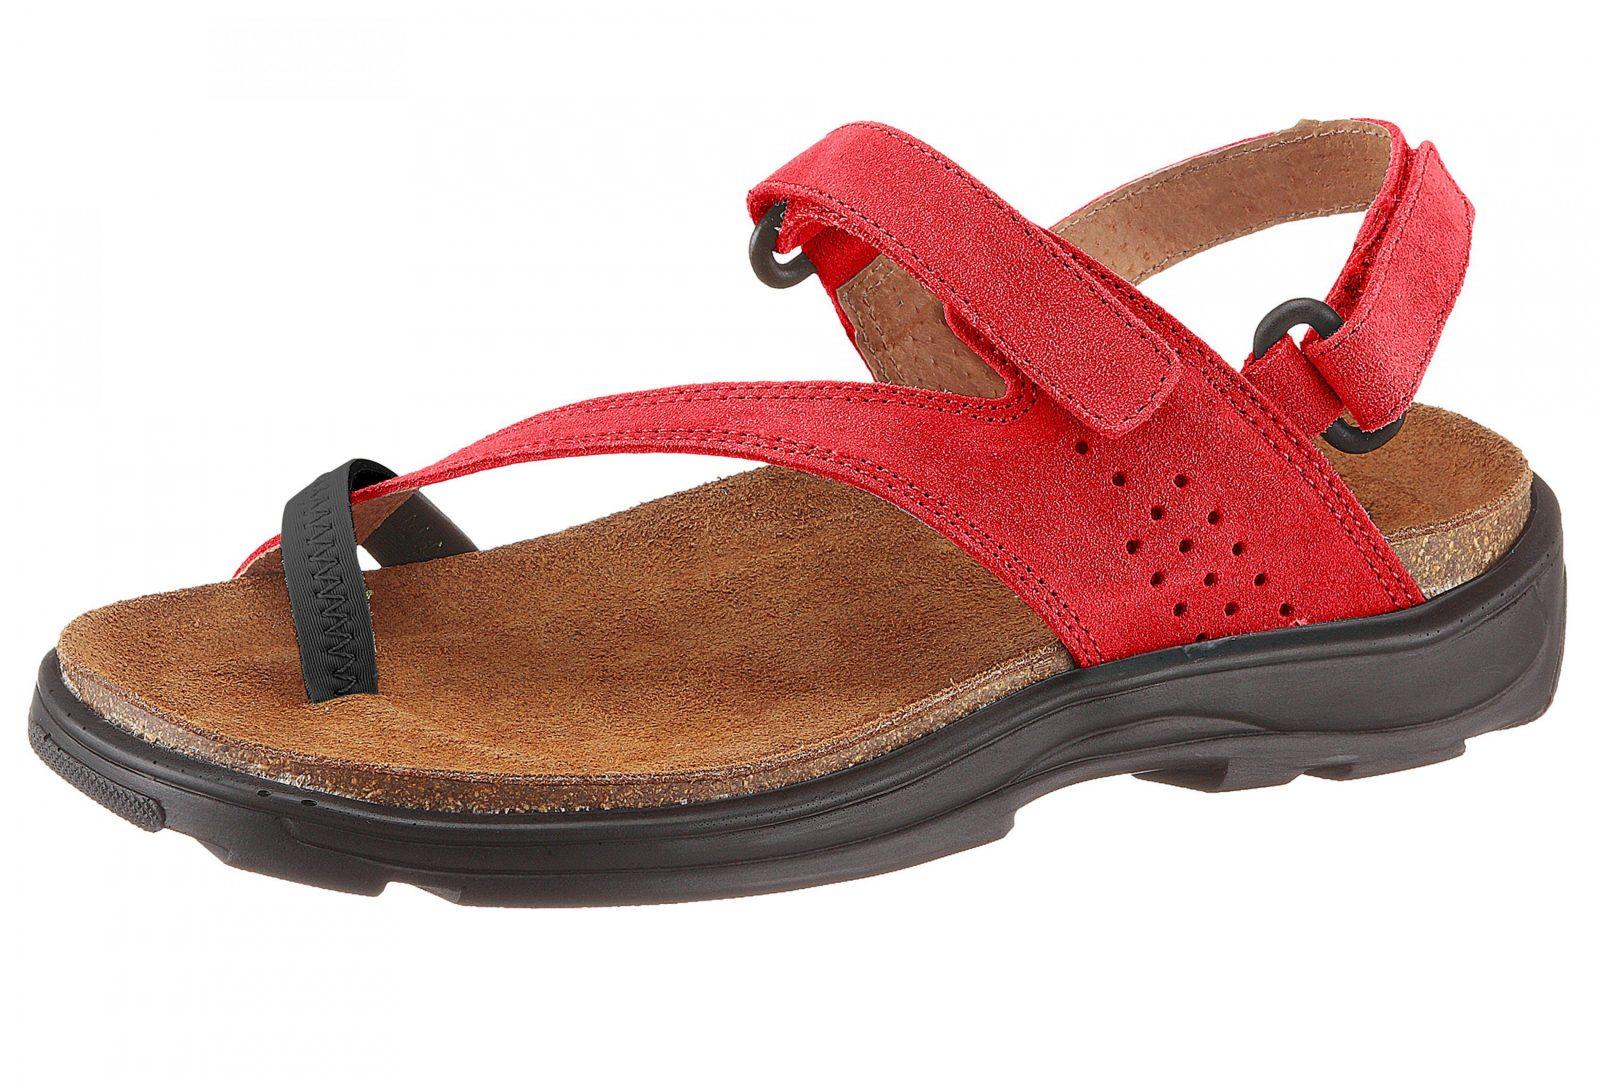 Eddie Bauer Trekking Klett Sandale Größe 36 Für Damen Bei Imwalking von Gutschein Eddie Bauer Versandkostenfrei Bild